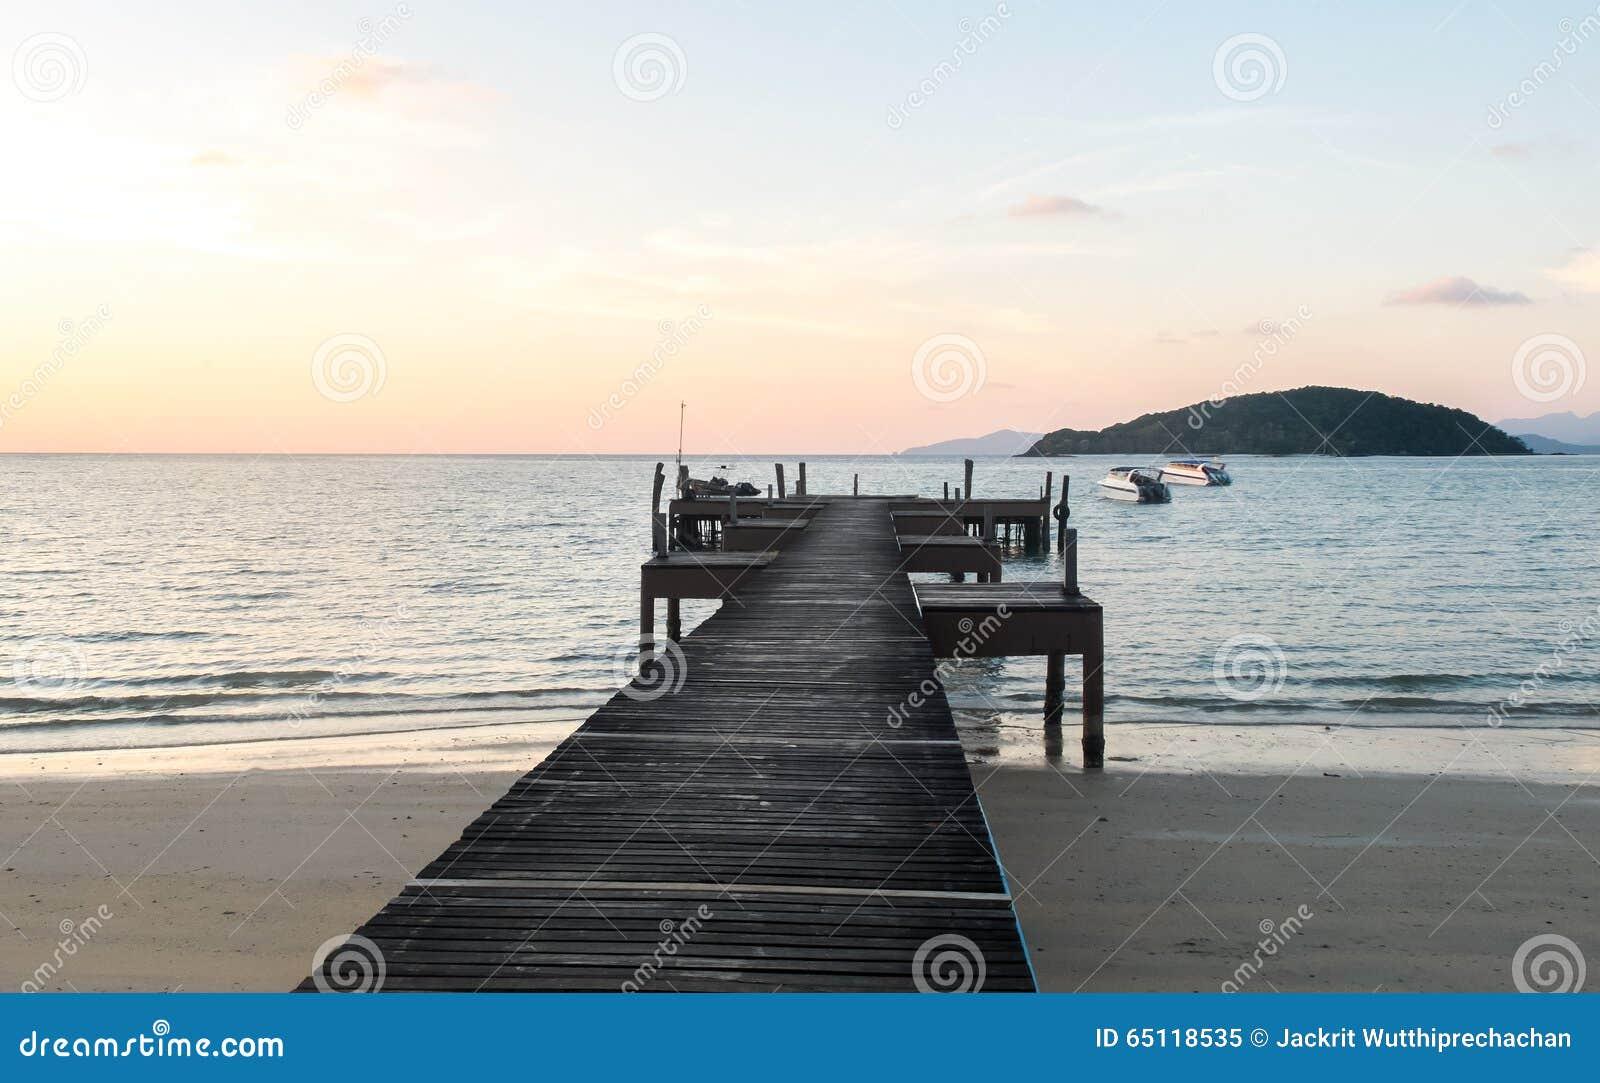 假期概念、软的焦点滤色器木道路透明的蓝色海之间和天空